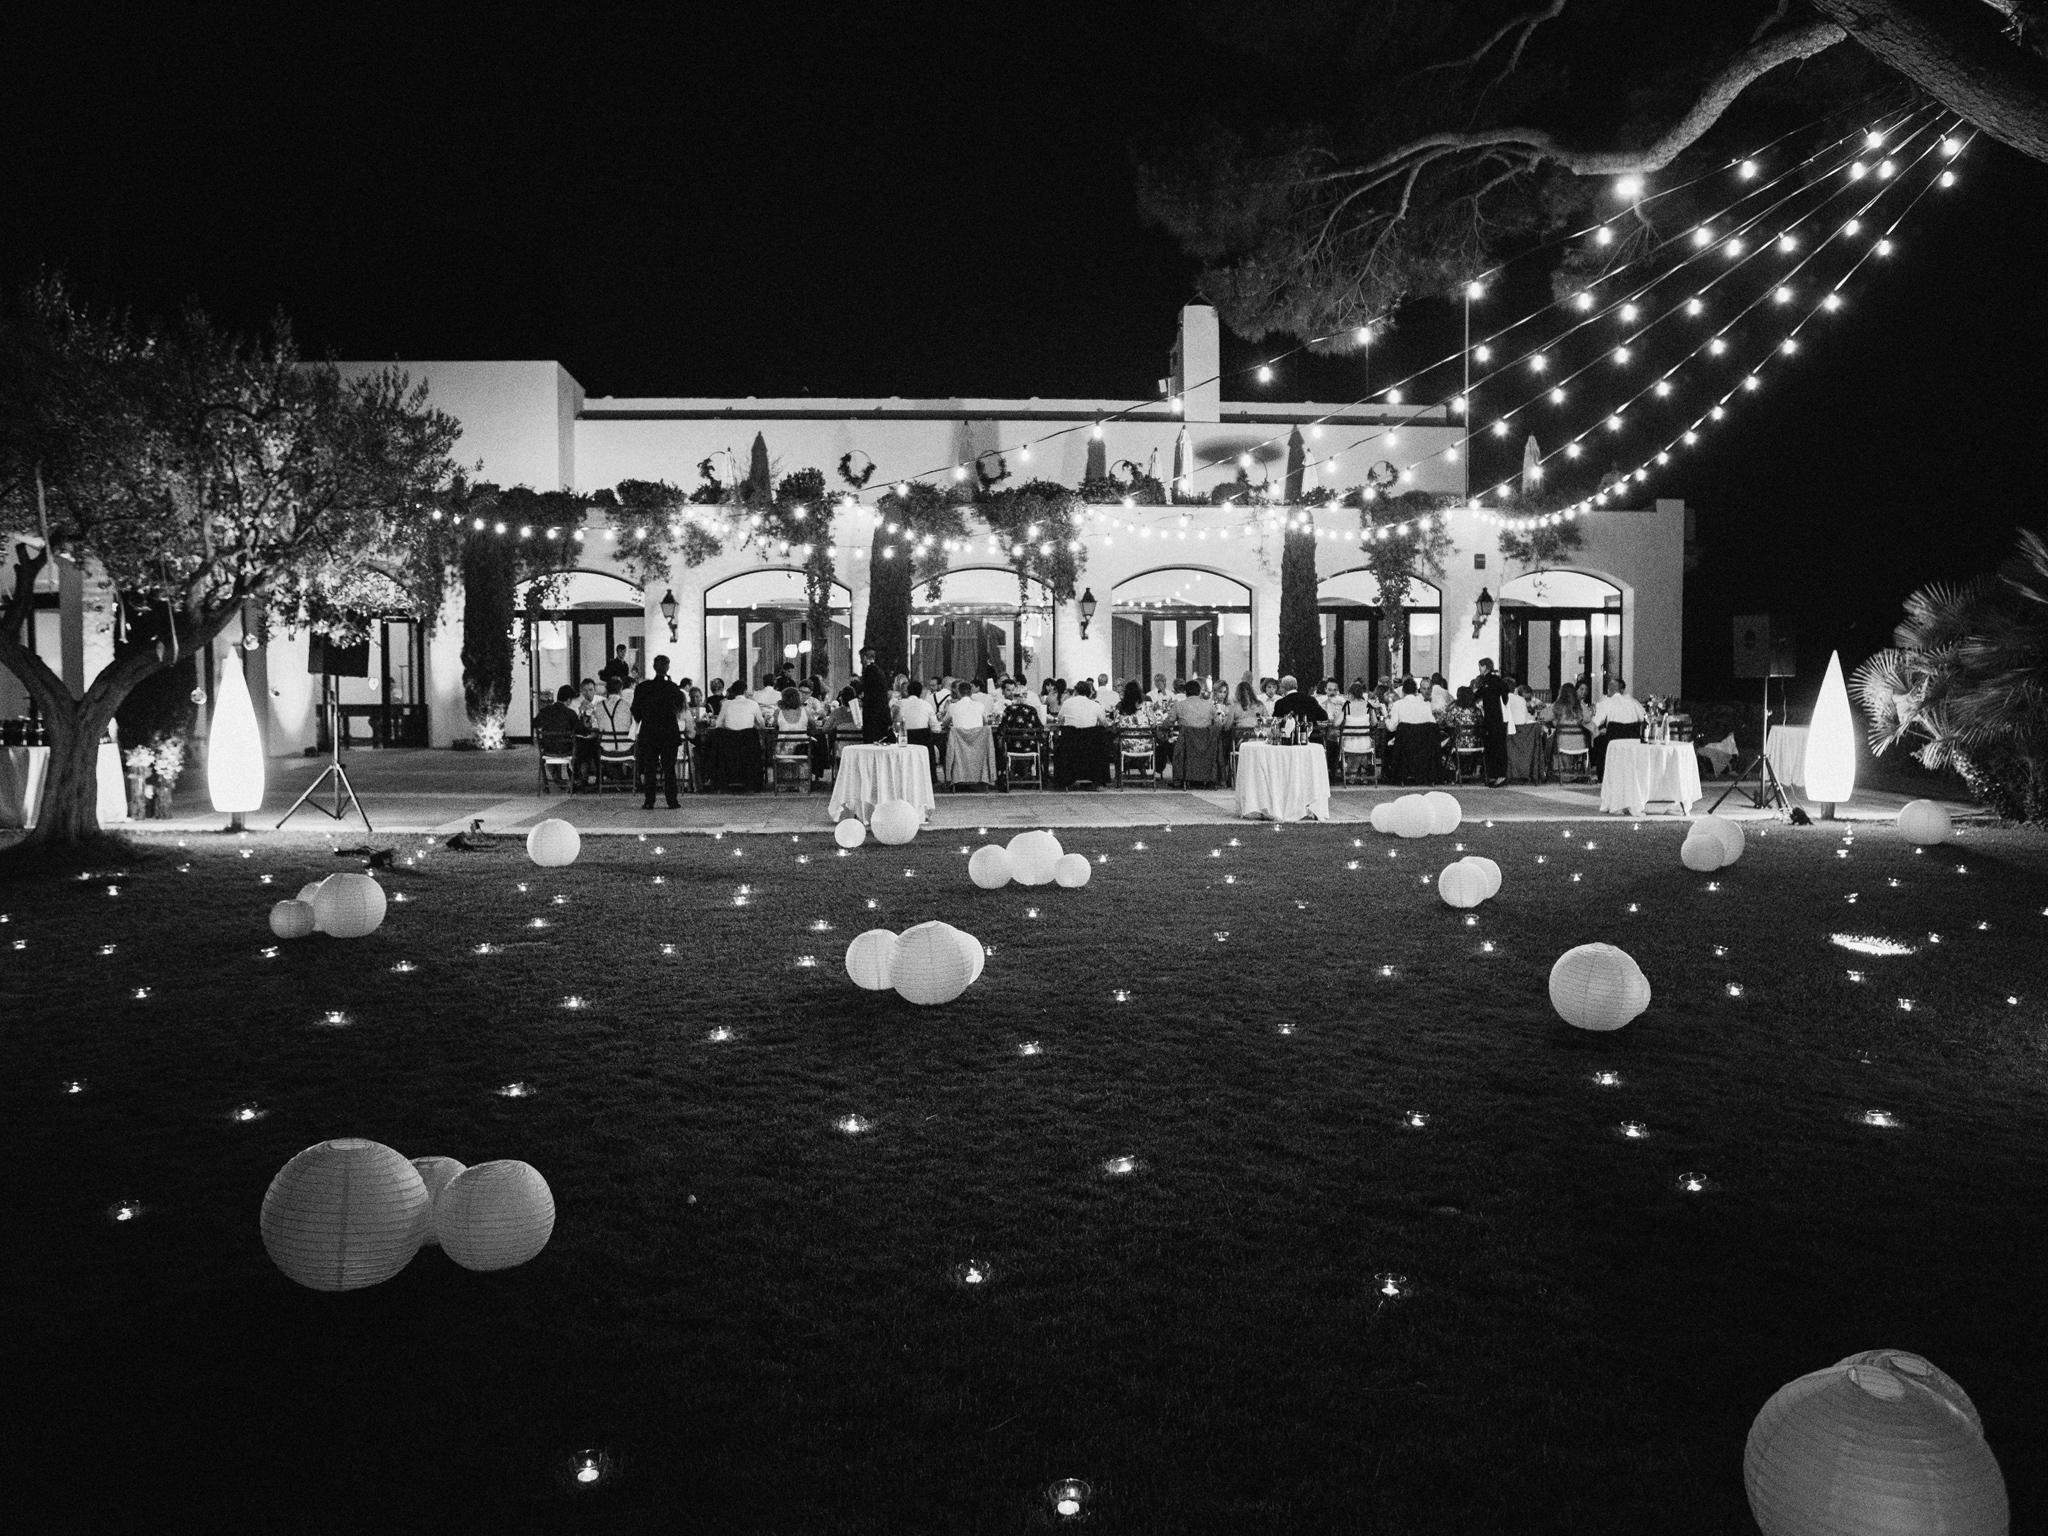 fotografo-boda-barcelona0082.jpg